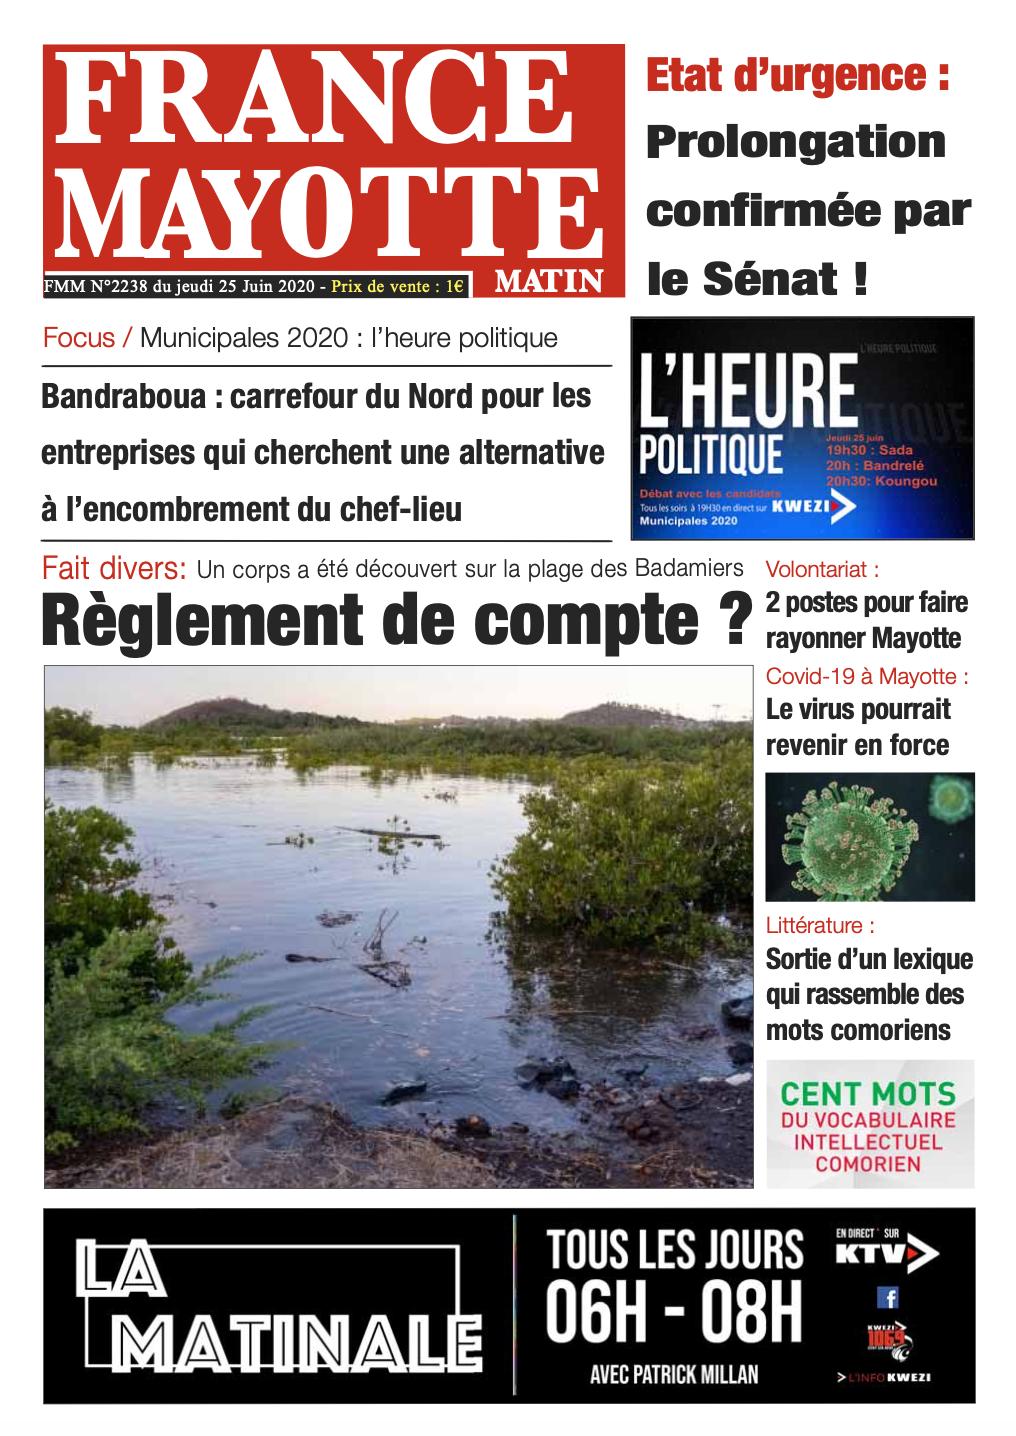 France Mayotte Jeudi 25 juin 2020